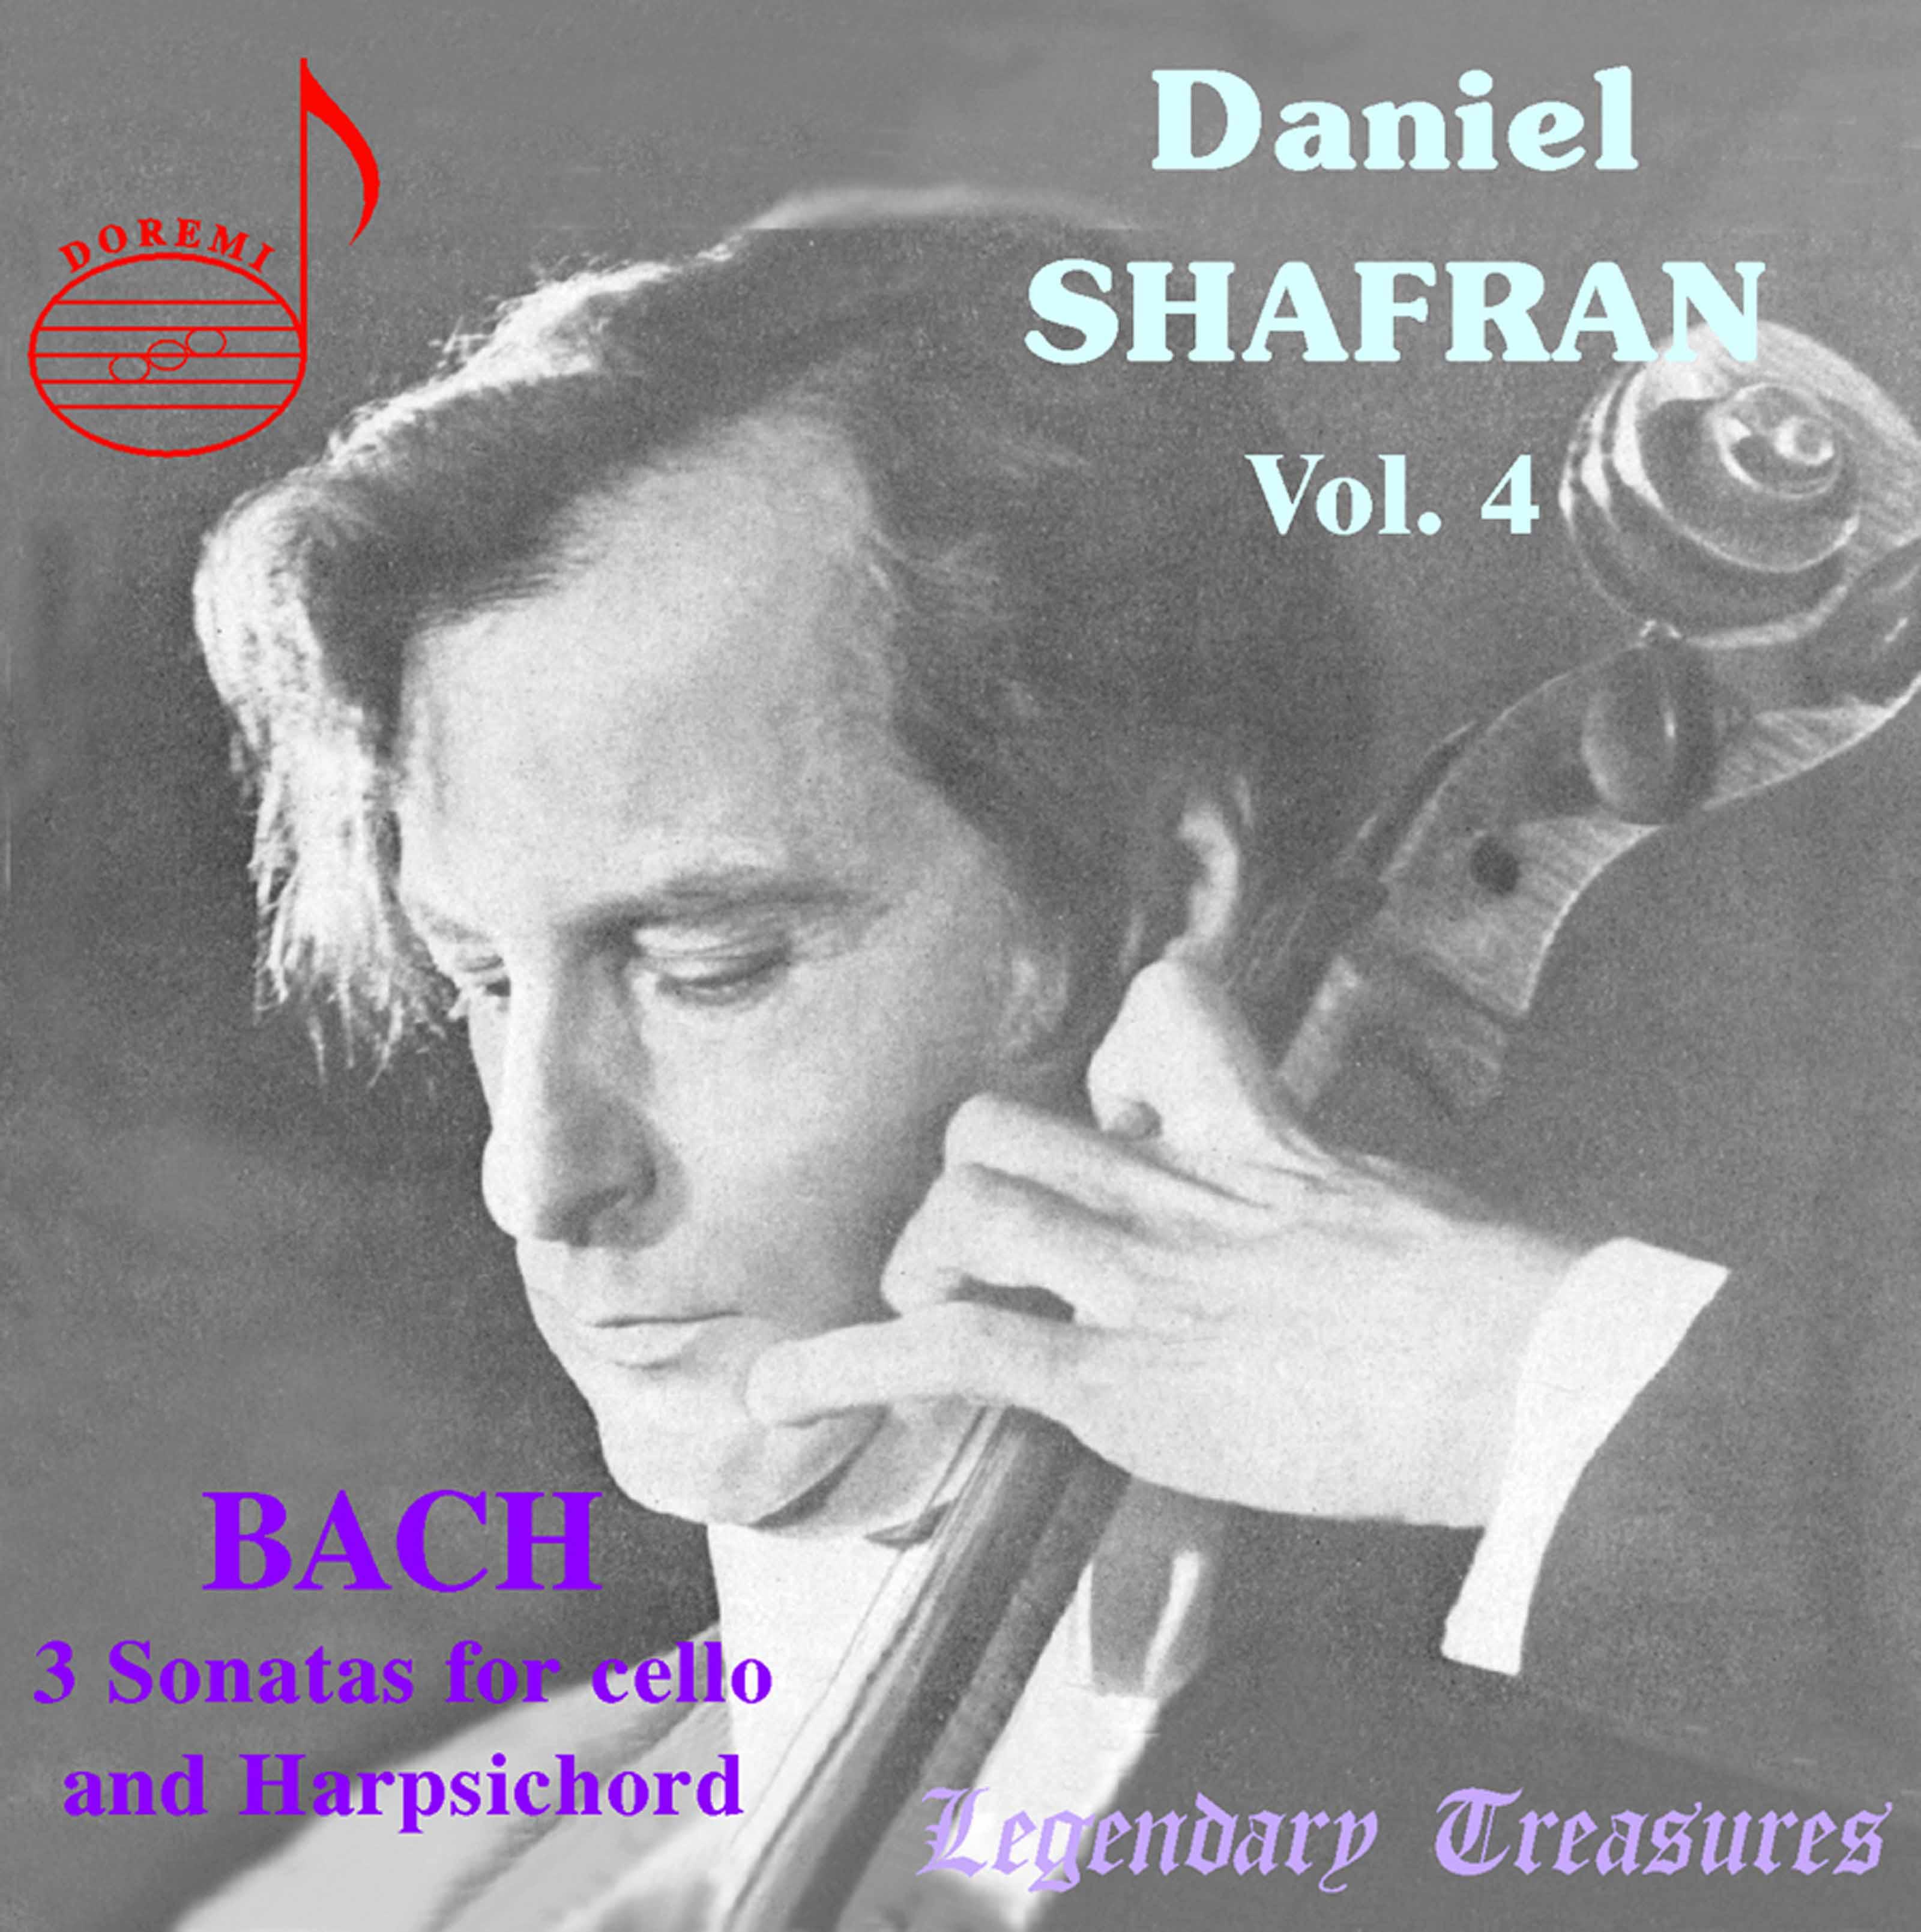 Daniel Shafran, Vol. 4: Bach Sonatas & Other Works